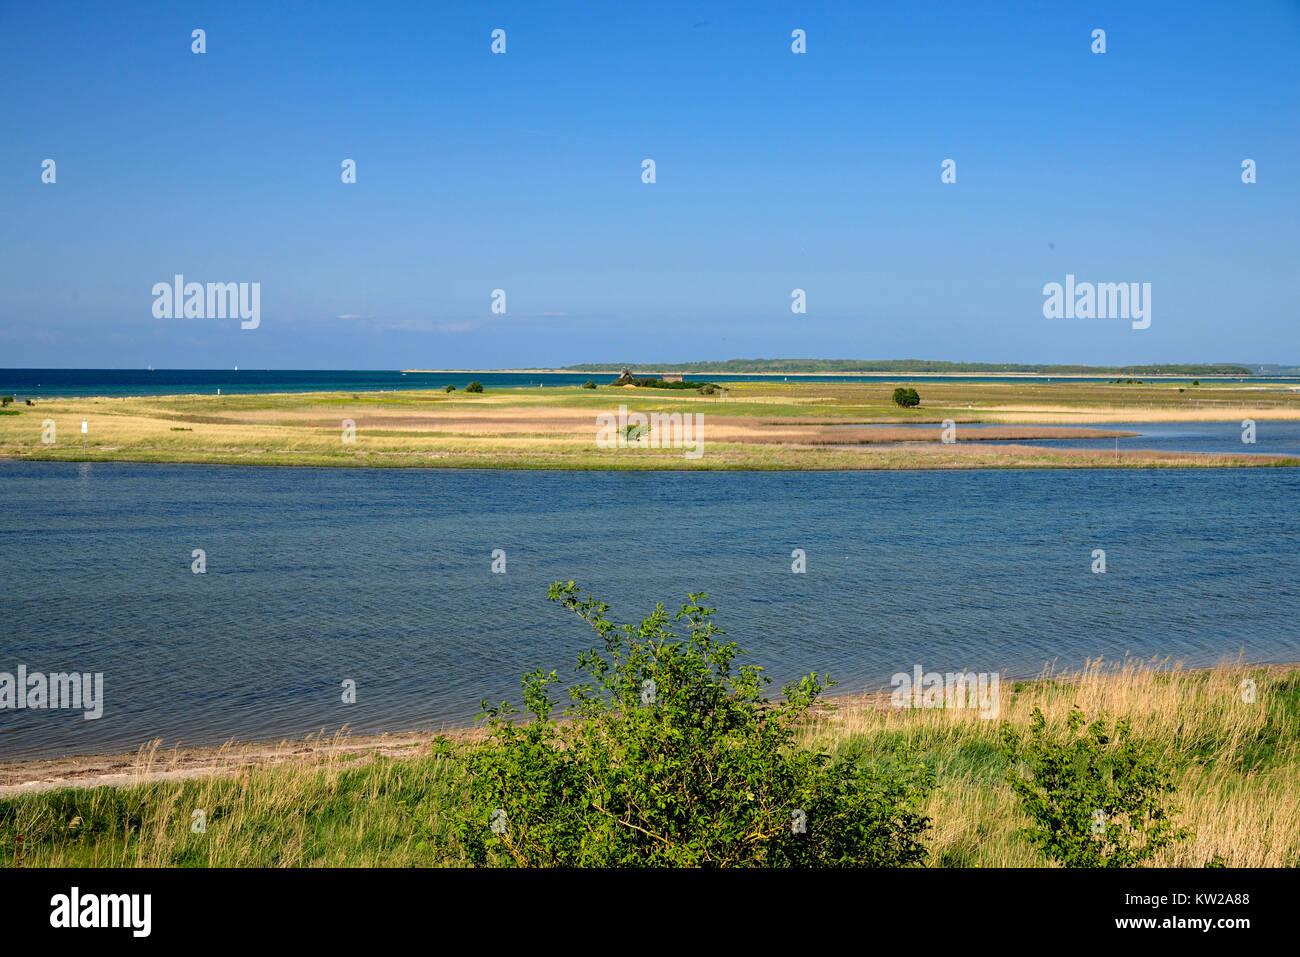 Baltic island Poel, protection of birds island Langenwerder with Gollwitz, Ostseeinsel Poel, Vogelschutzinsel Langenwerder - Stock Image